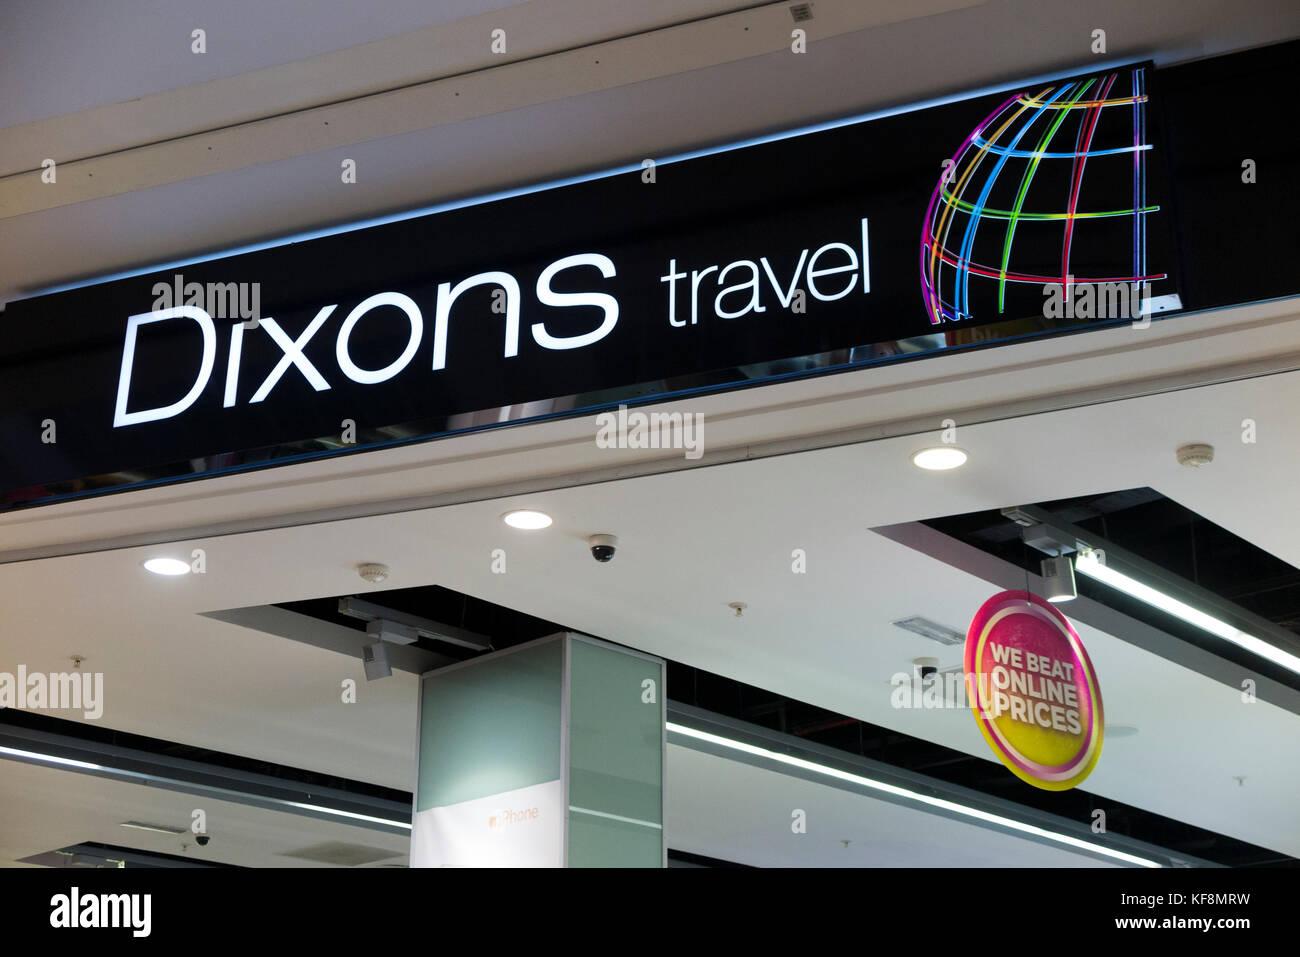 Dixons Retail Stock Photos & Dixons Retail Stock Images - Alamy